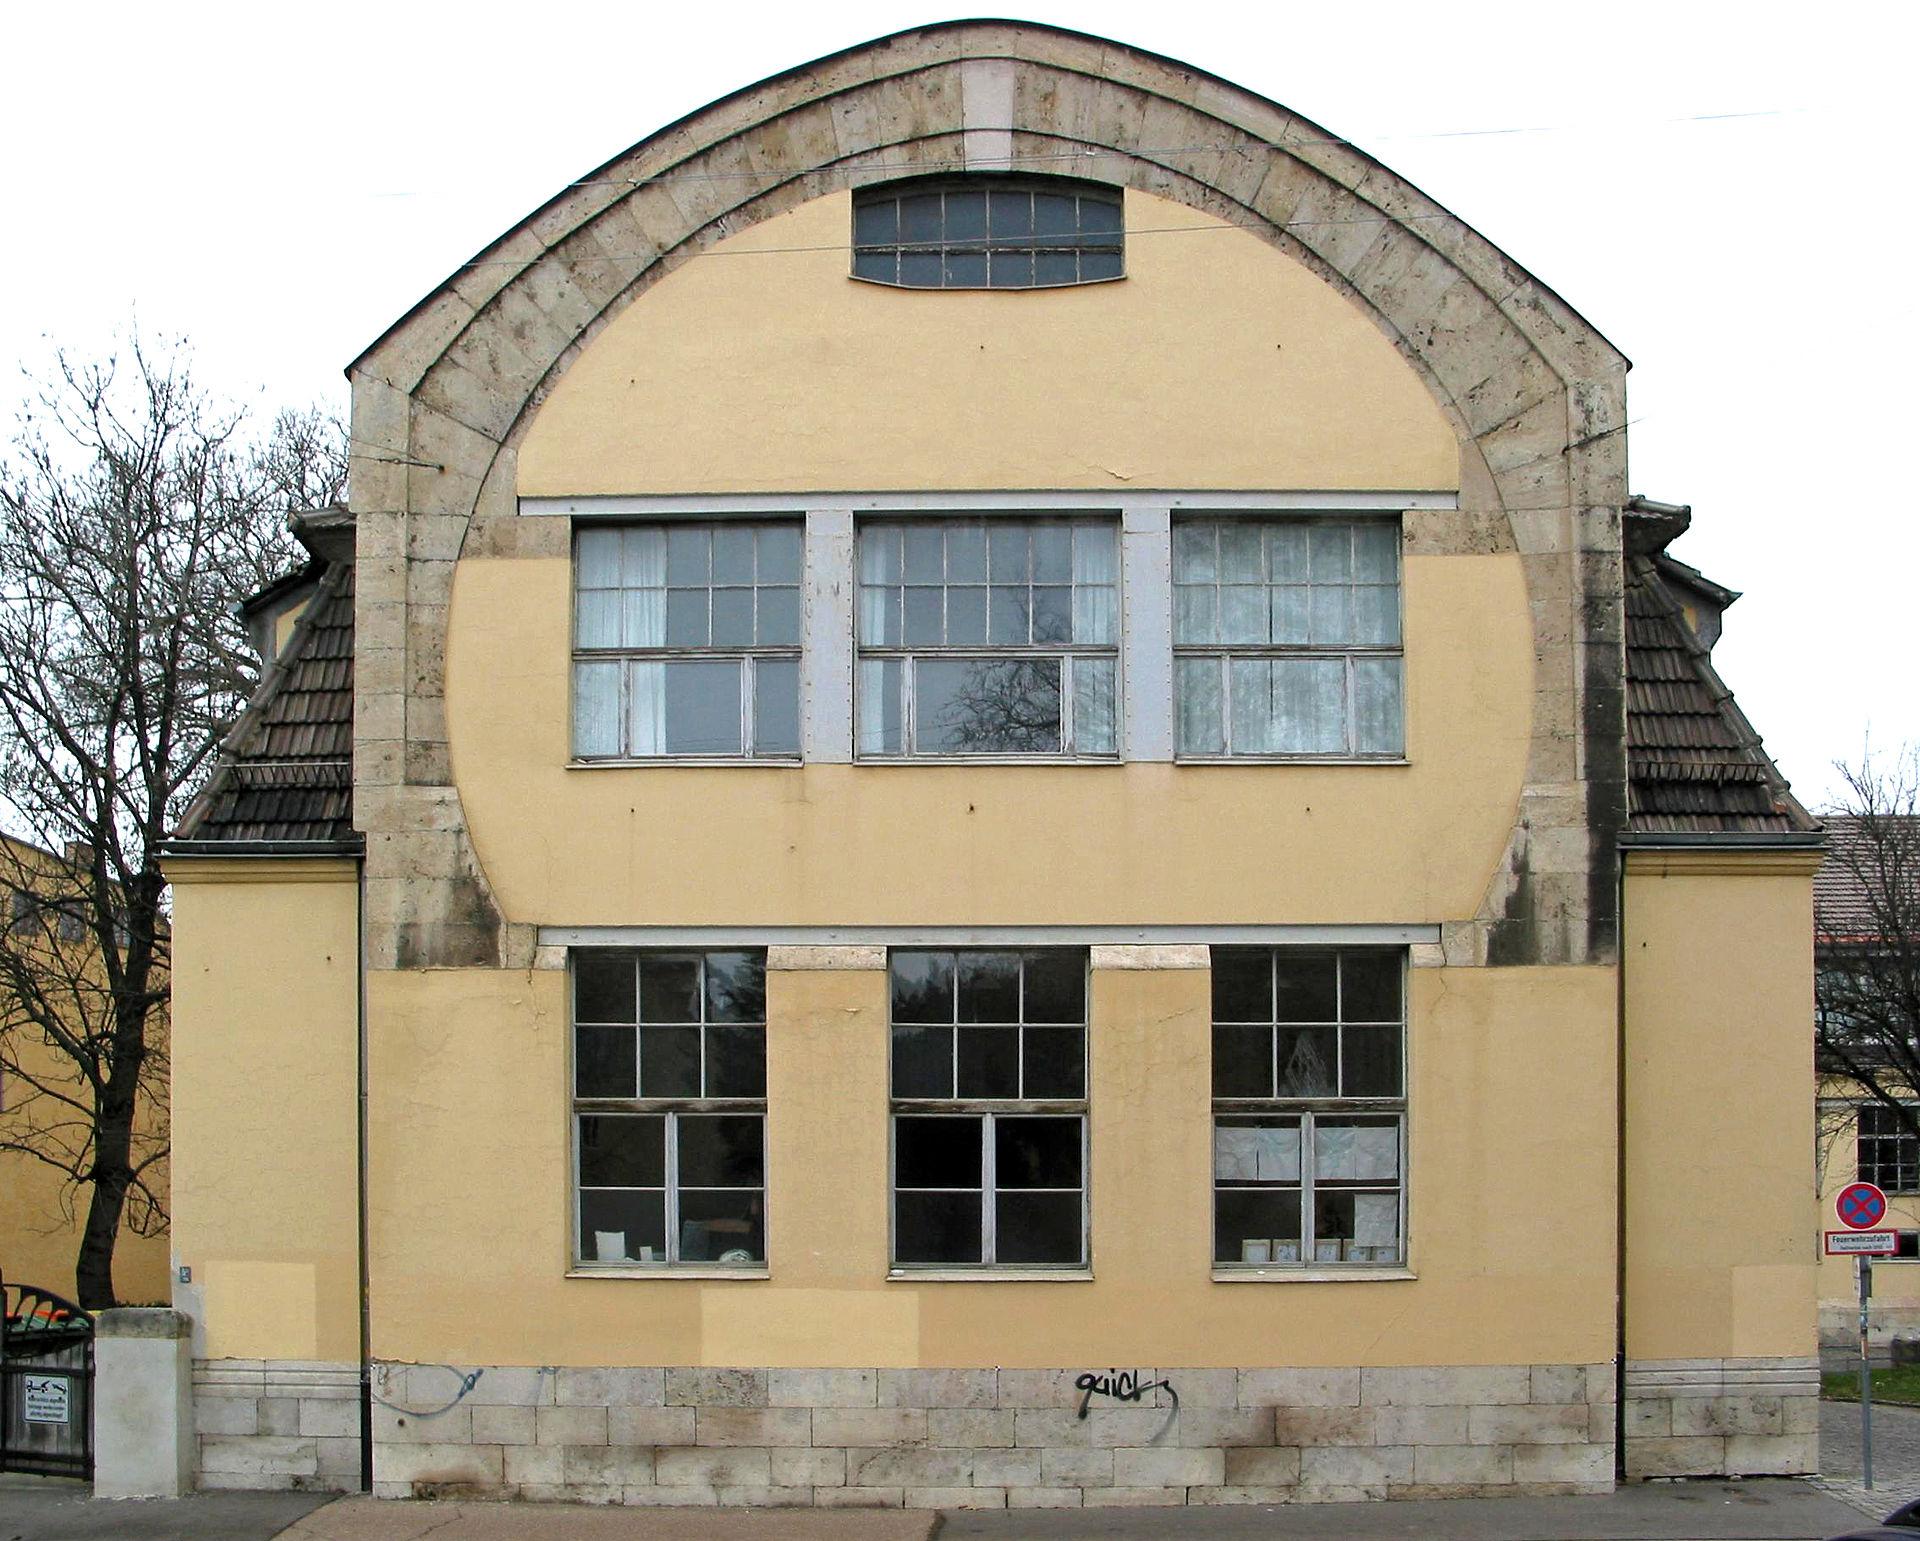 Van-de-Velde-Building in Weimar, home of the art faculty of the Bauhaus-University